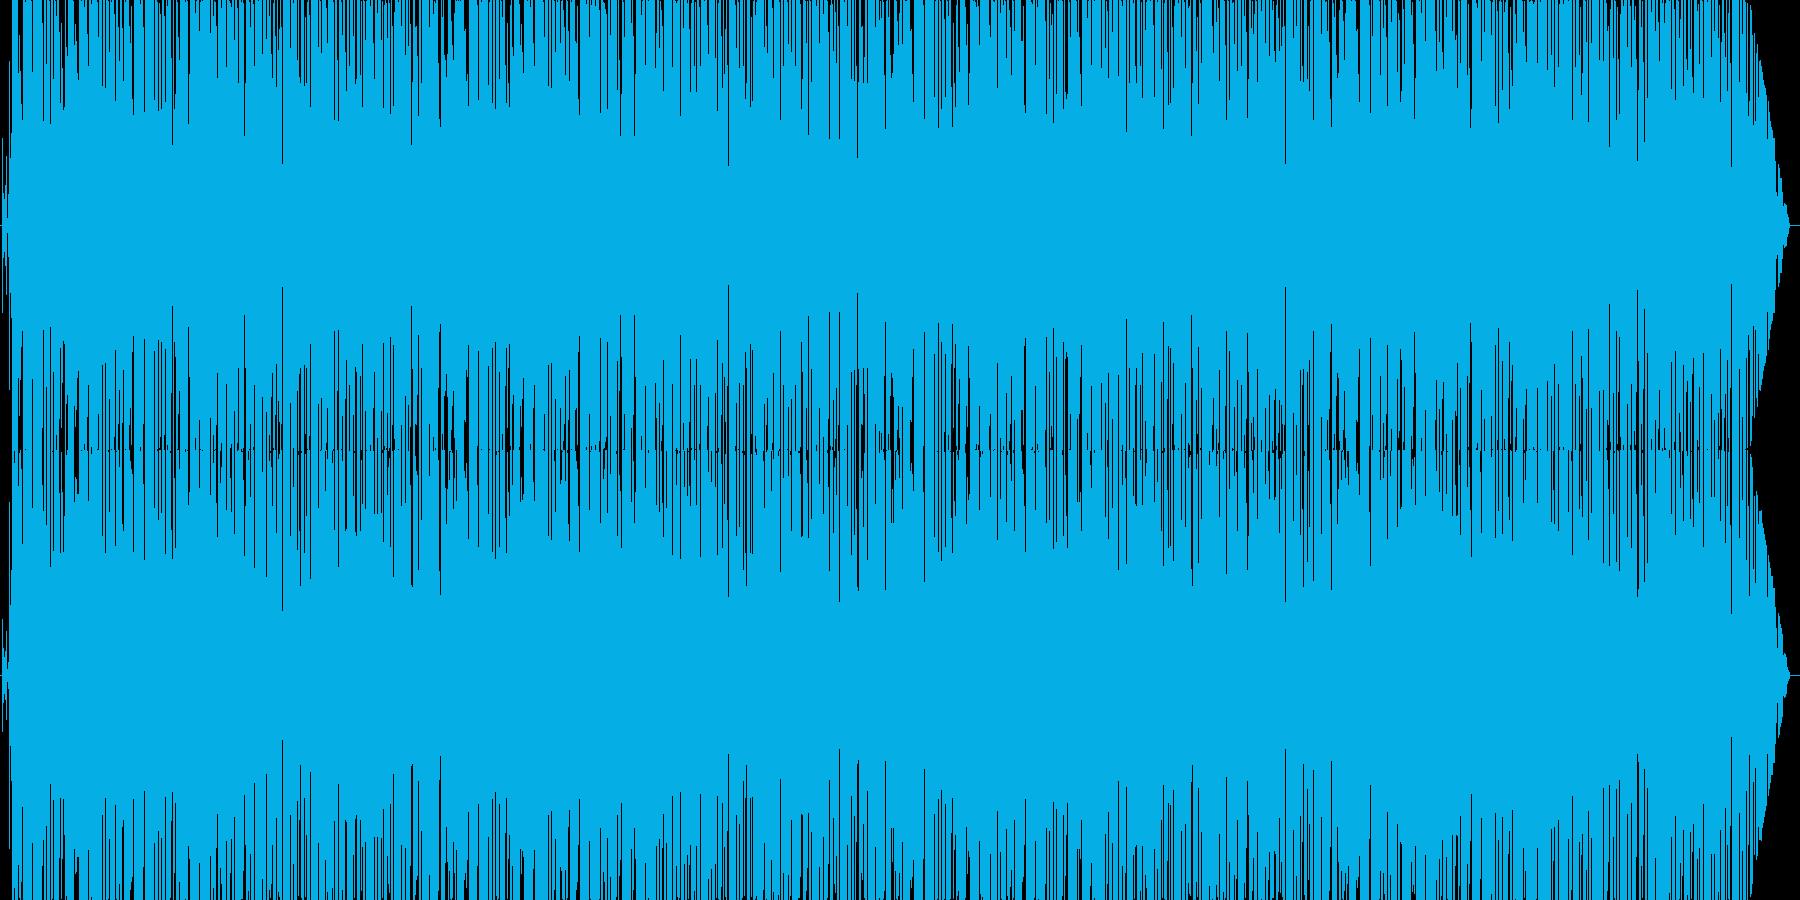 ラジオ番組風テーマソングの再生済みの波形